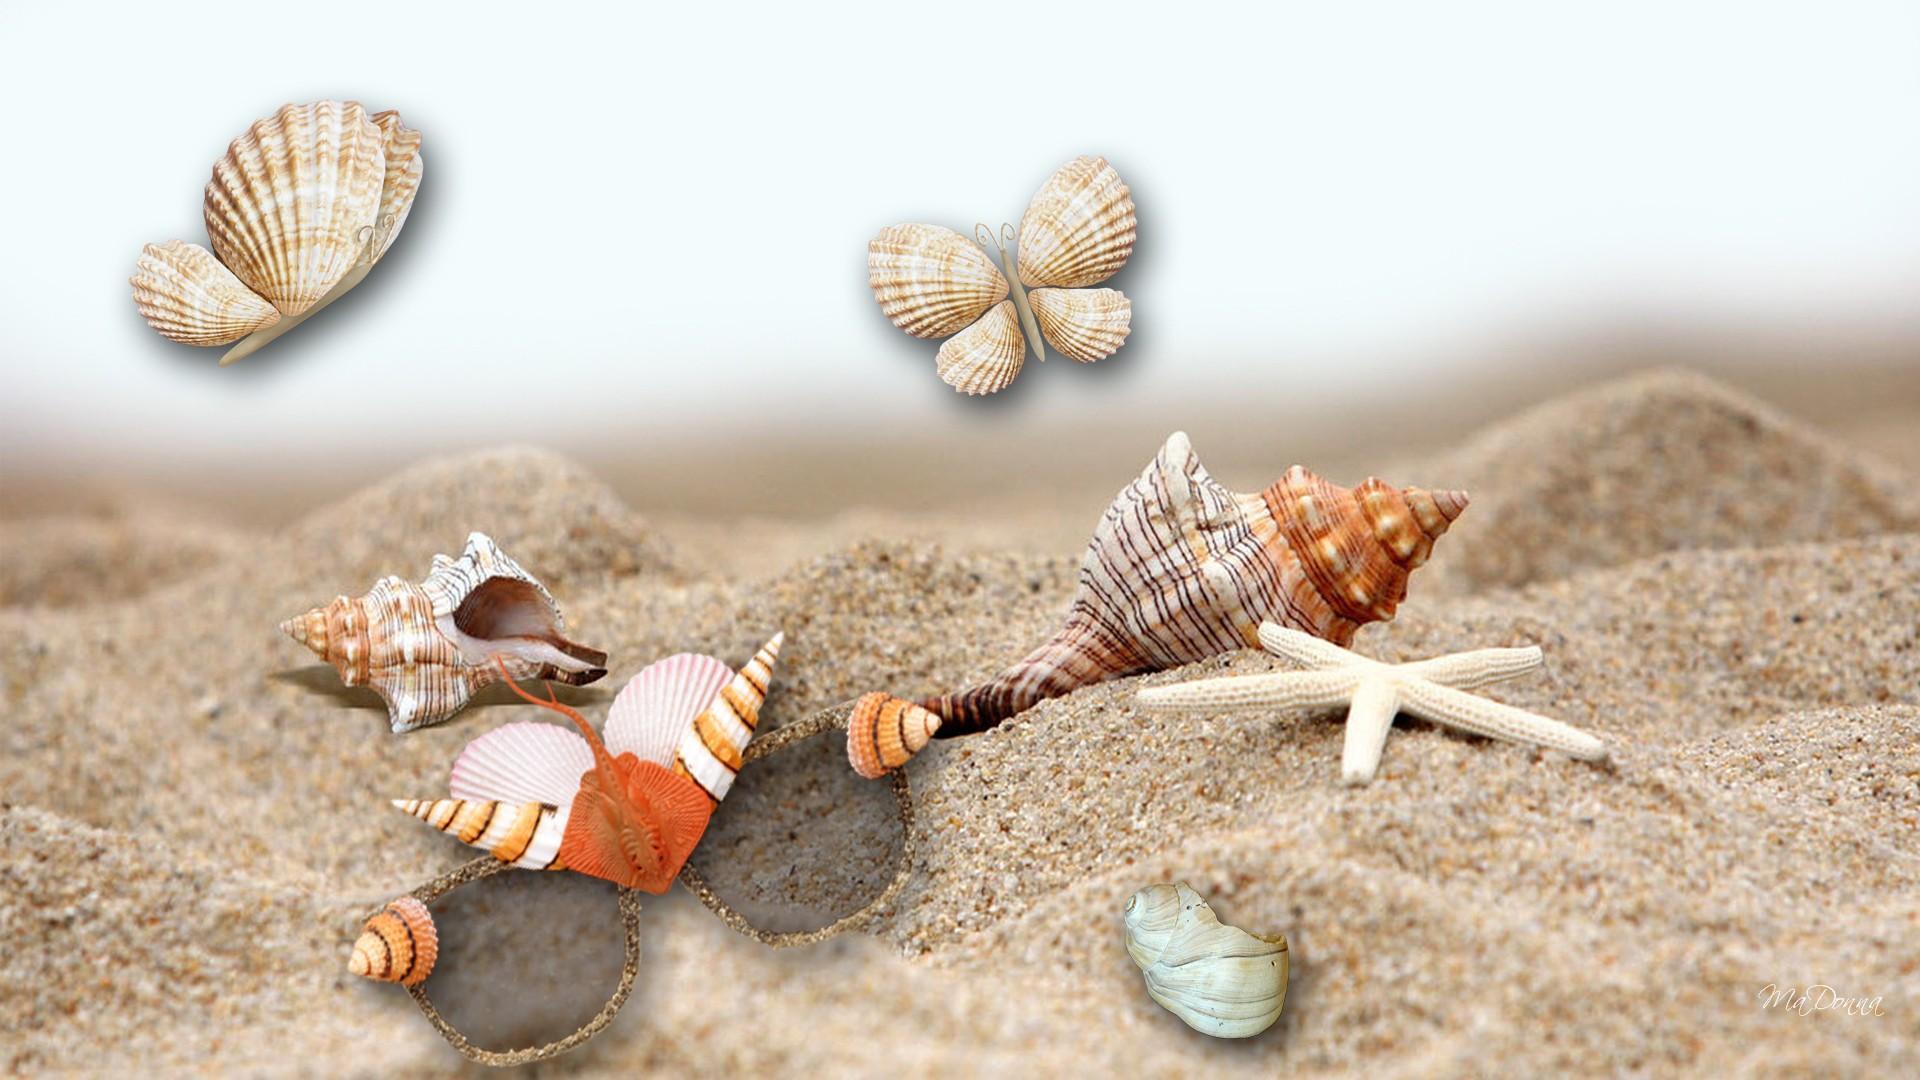 личная картинки с песком и ракушками восхищаются, считают непревзойденными